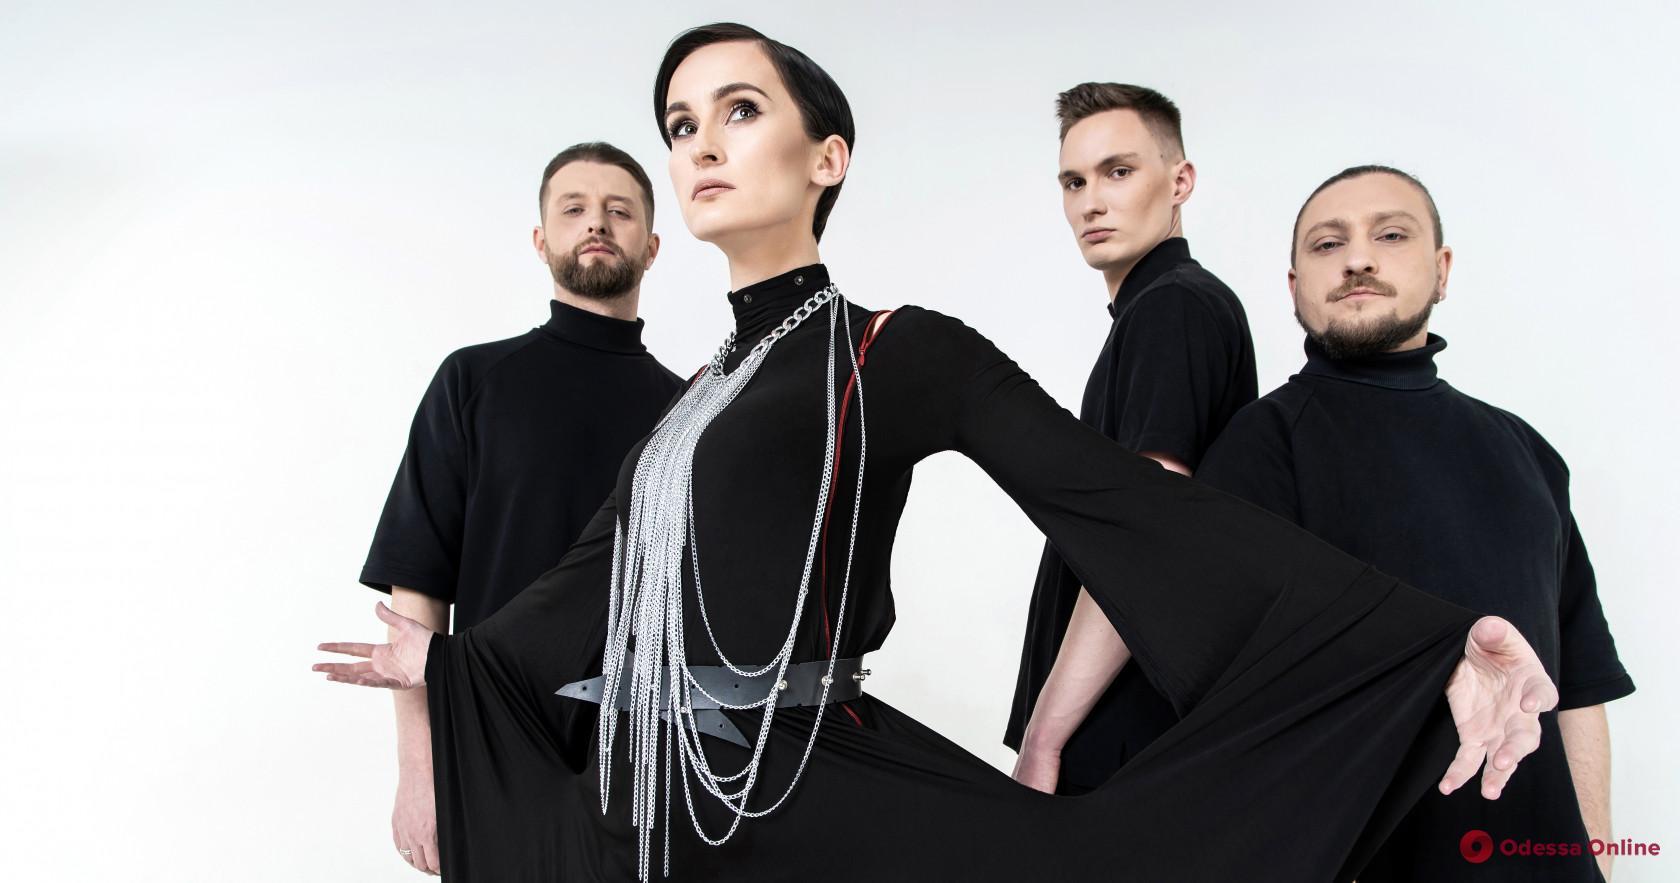 Песня украинской группы Go_A заняла первую строчку в рейтинге мировых трендов Spotify